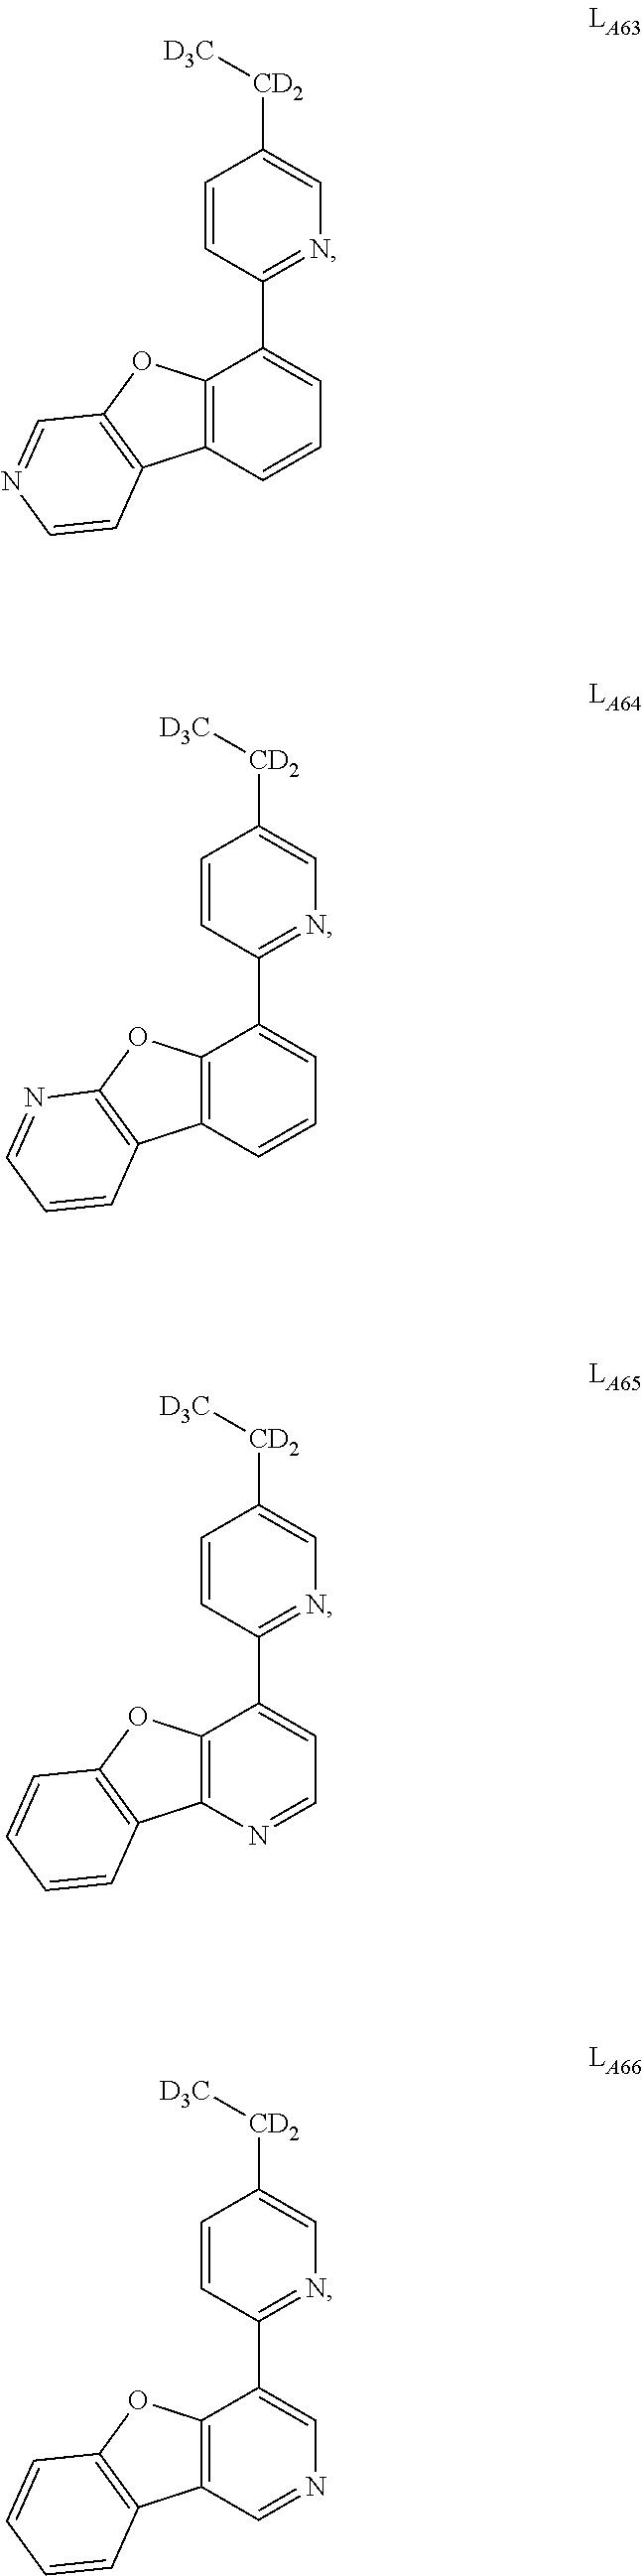 Figure US09634264-20170425-C00063